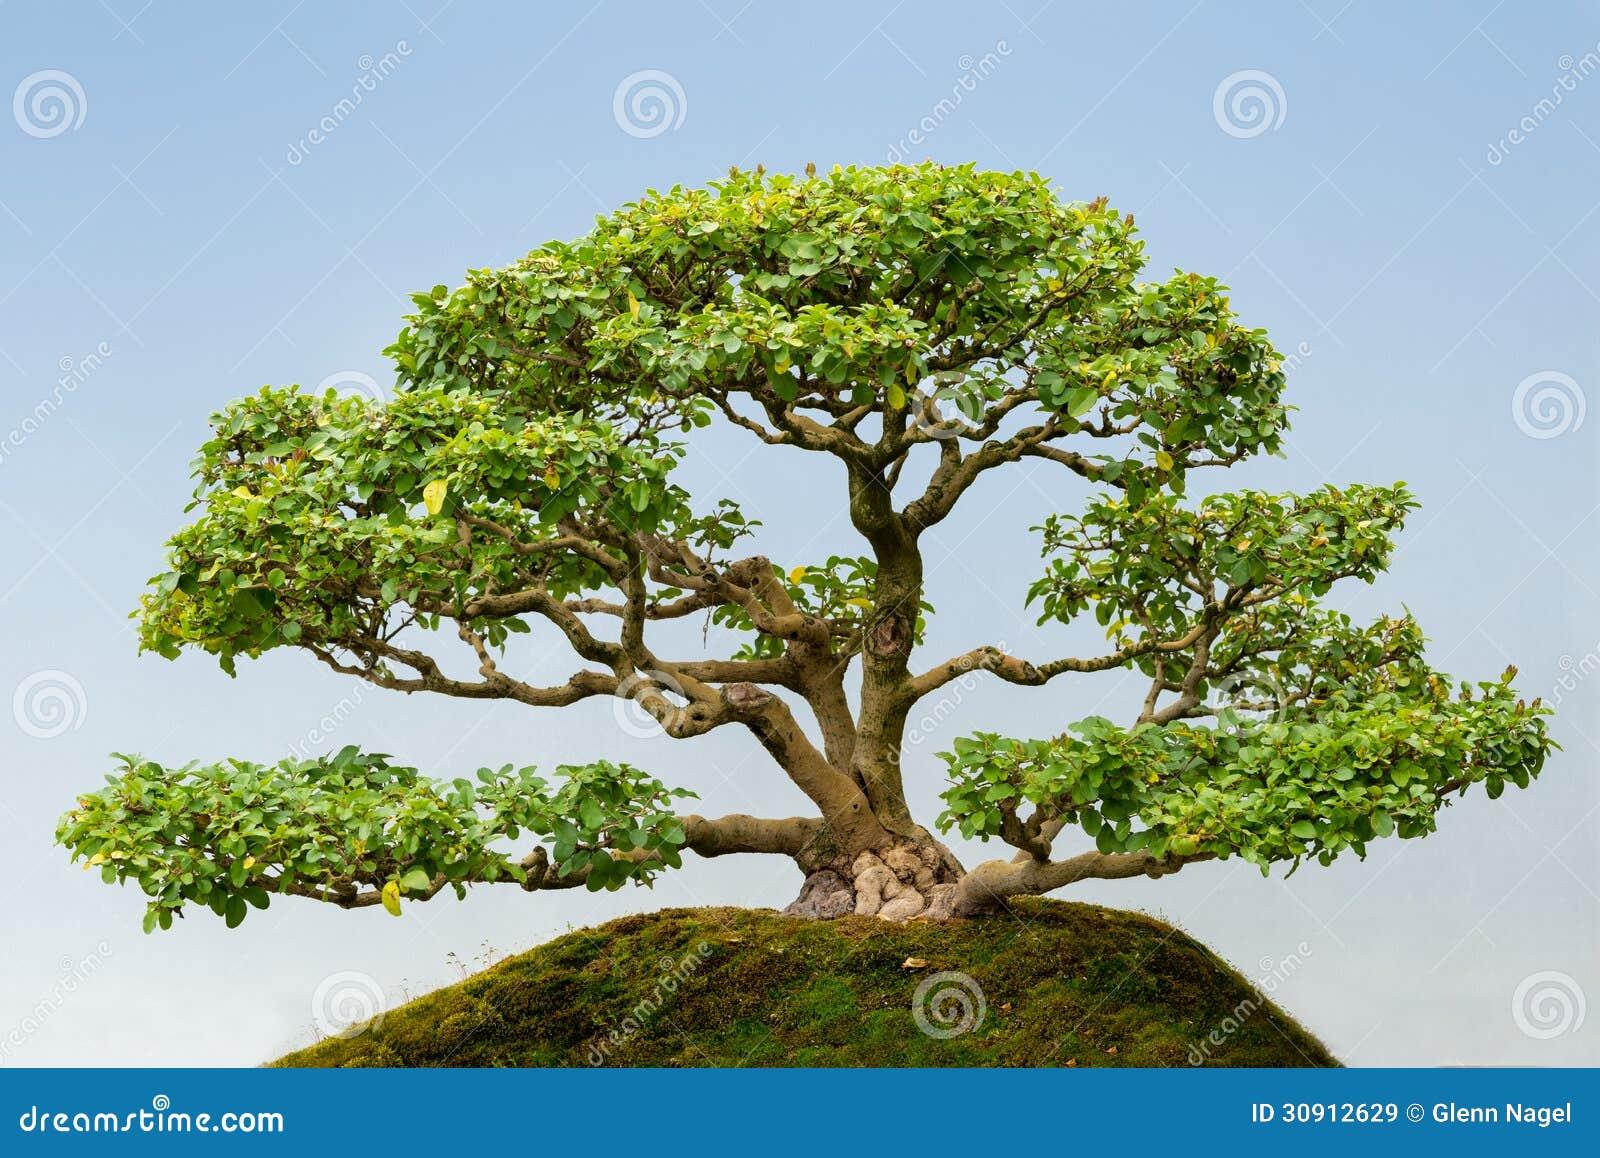 Common Privet bonsai